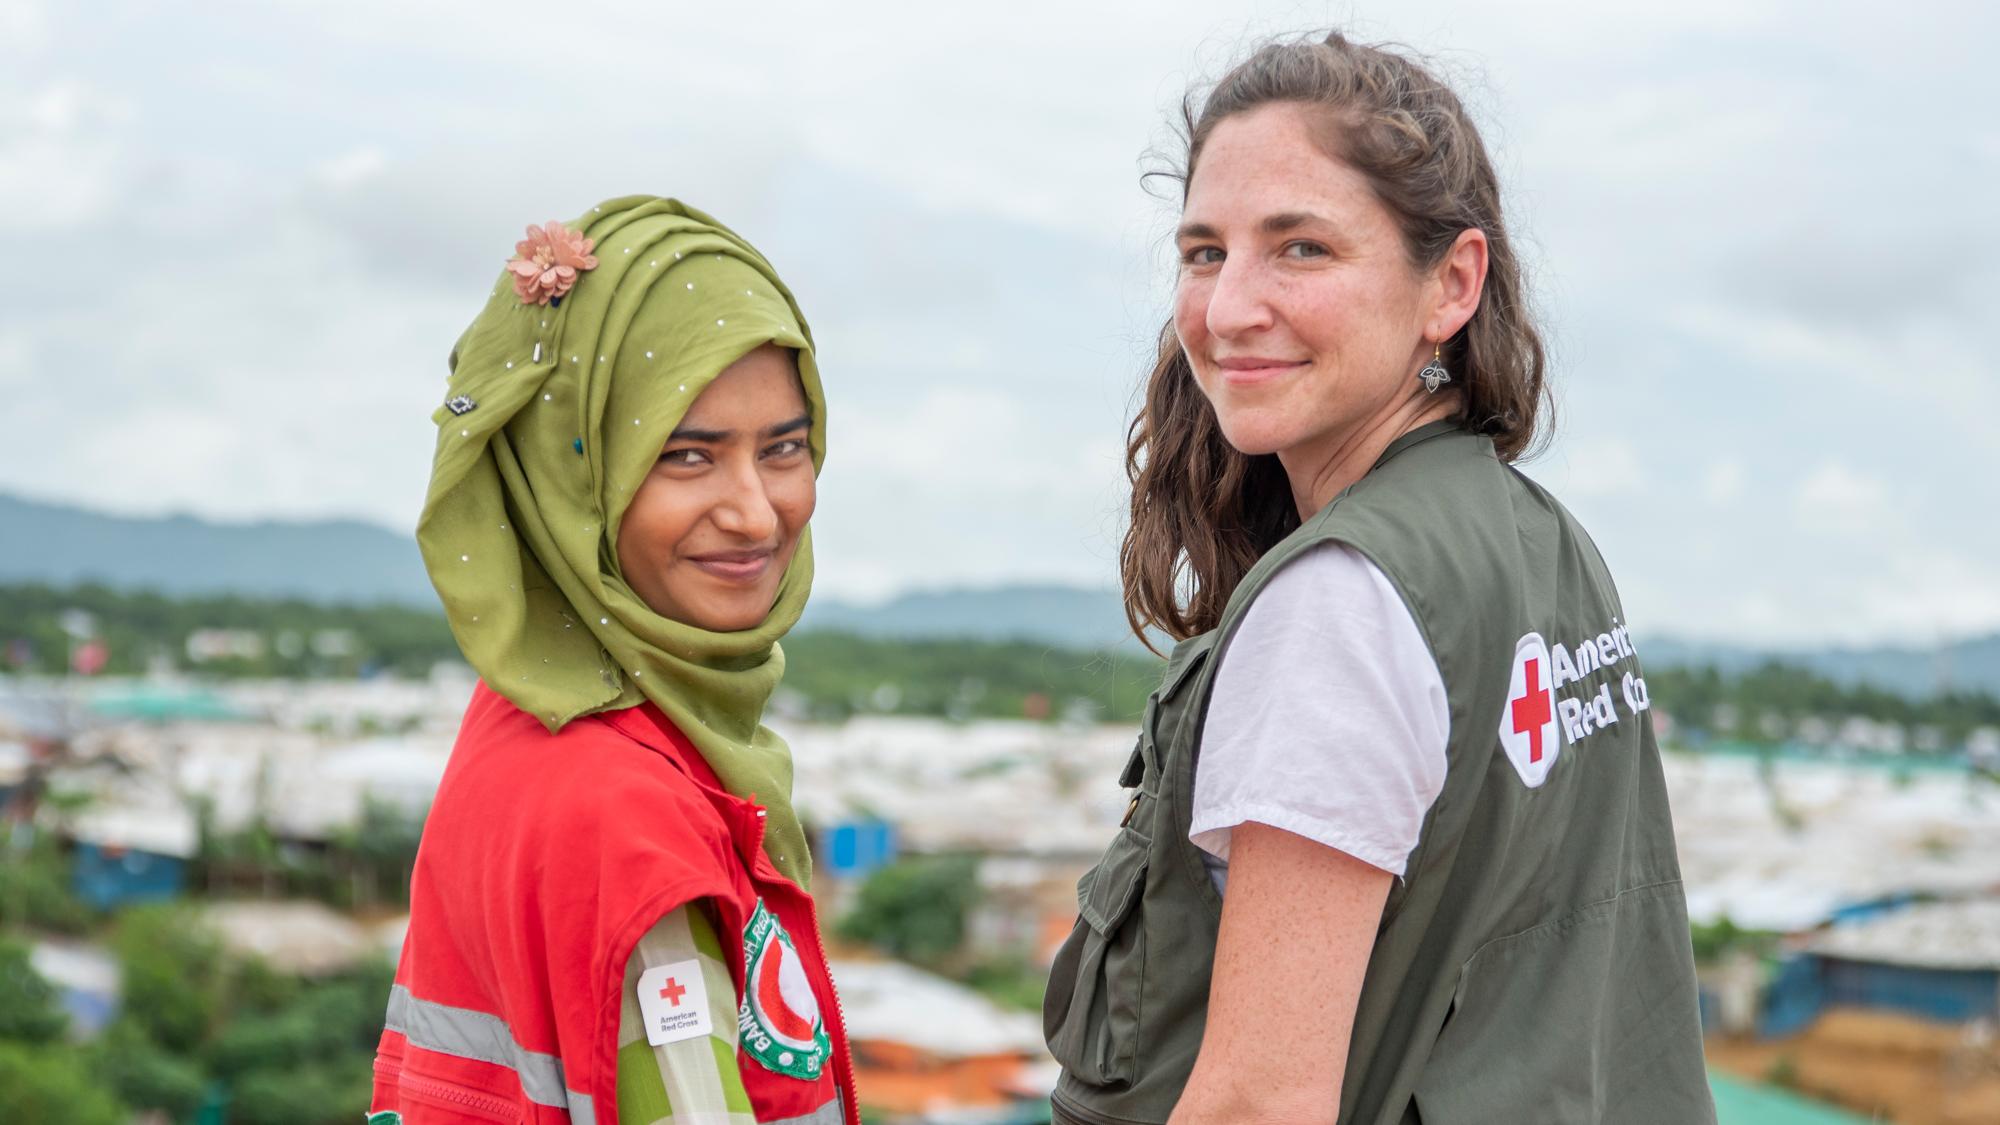 Mutig, engagiert, inspirierend: Frauen haben in der Internationalen Rotkreuz- und Rothalbmondbewegung schon immer eine zentrale Rolle gespielt. 2019 wurden diese Frauen geehrt, die sich auf der ganzen Welt engagieren.